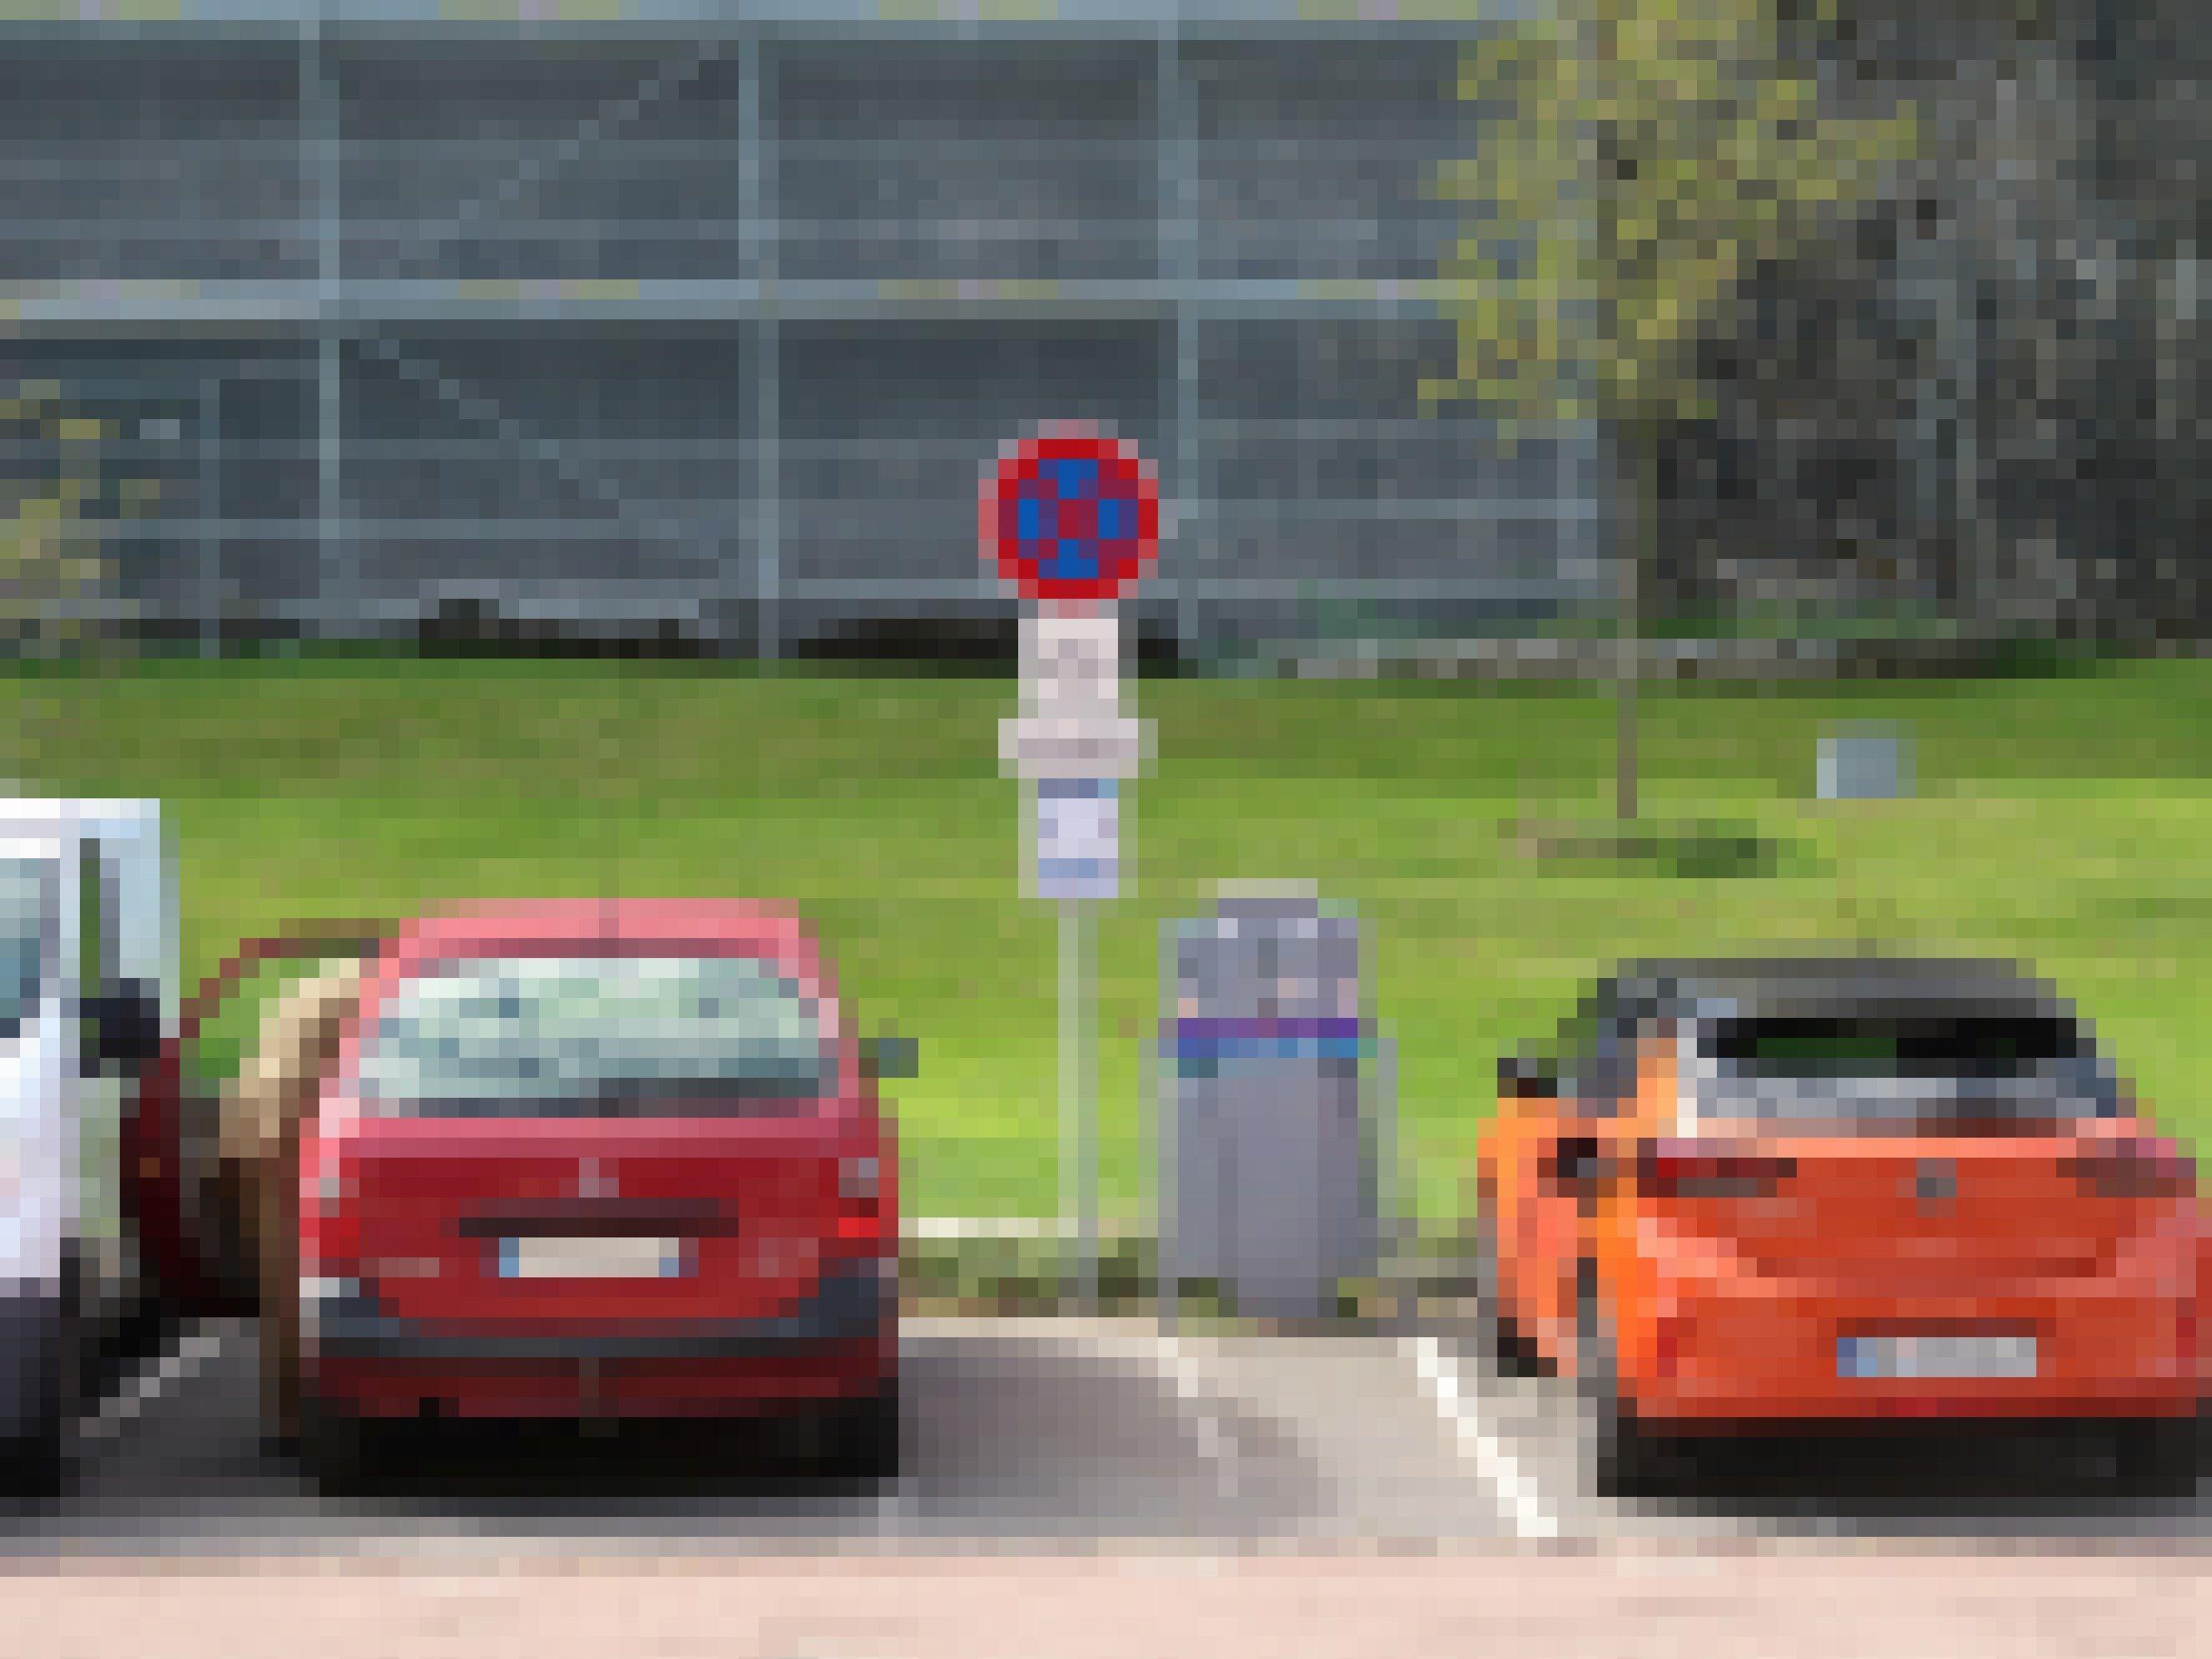 Zwei Auto stehen auf einem Parkplatz, eines davon ist an einer Ladestation angeschlossen.